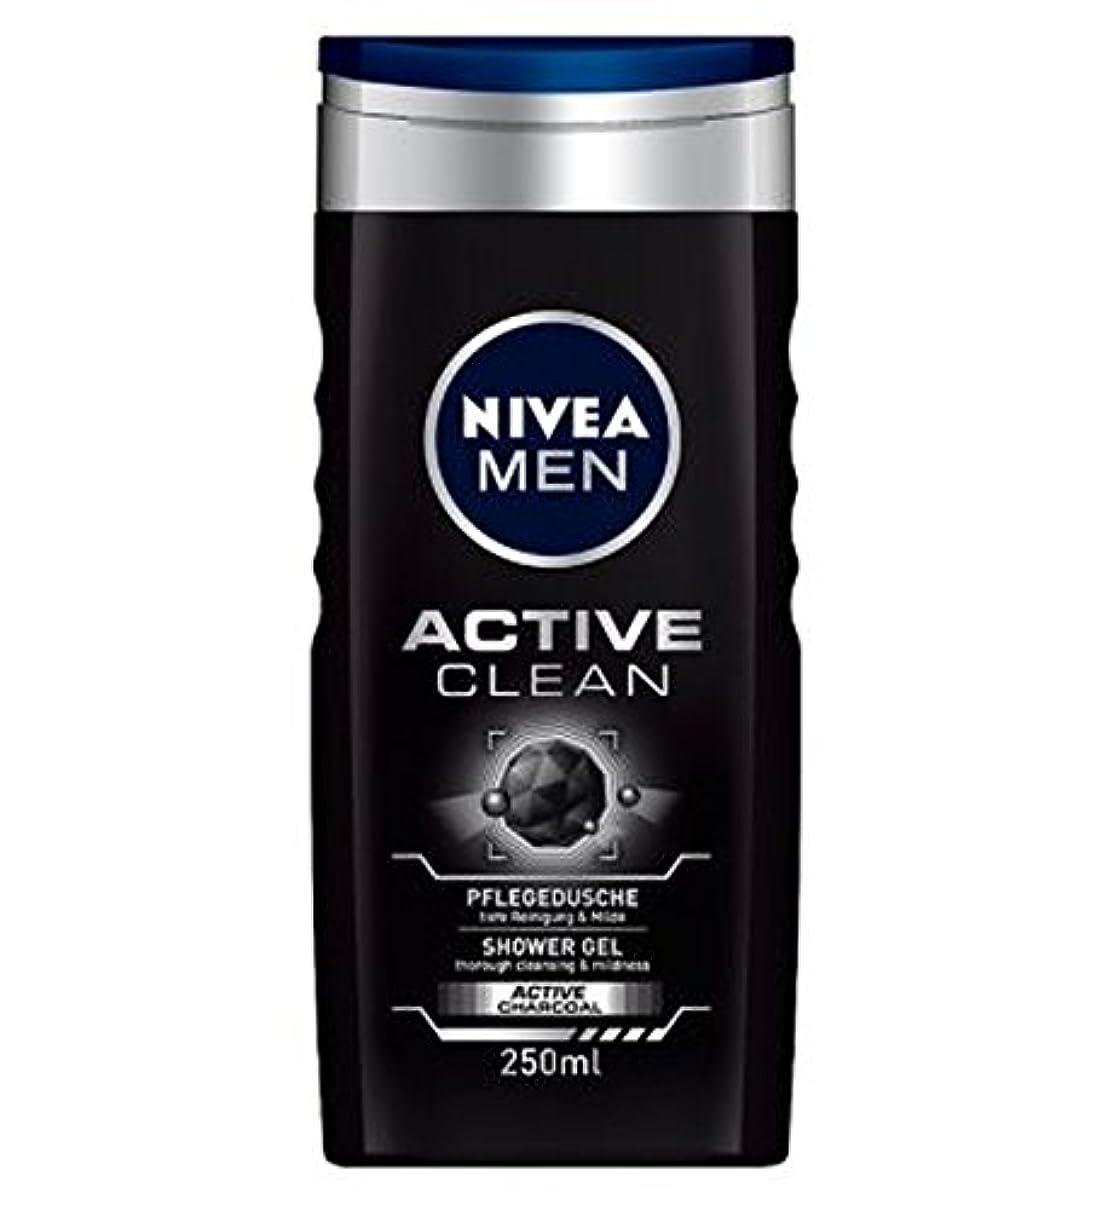 症状散文テレビを見るNIVEA MEN Active Clean Shower Gel 250ml - ニベアの男性アクティブクリーンシャワージェル250ミリリットル (Nivea) [並行輸入品]